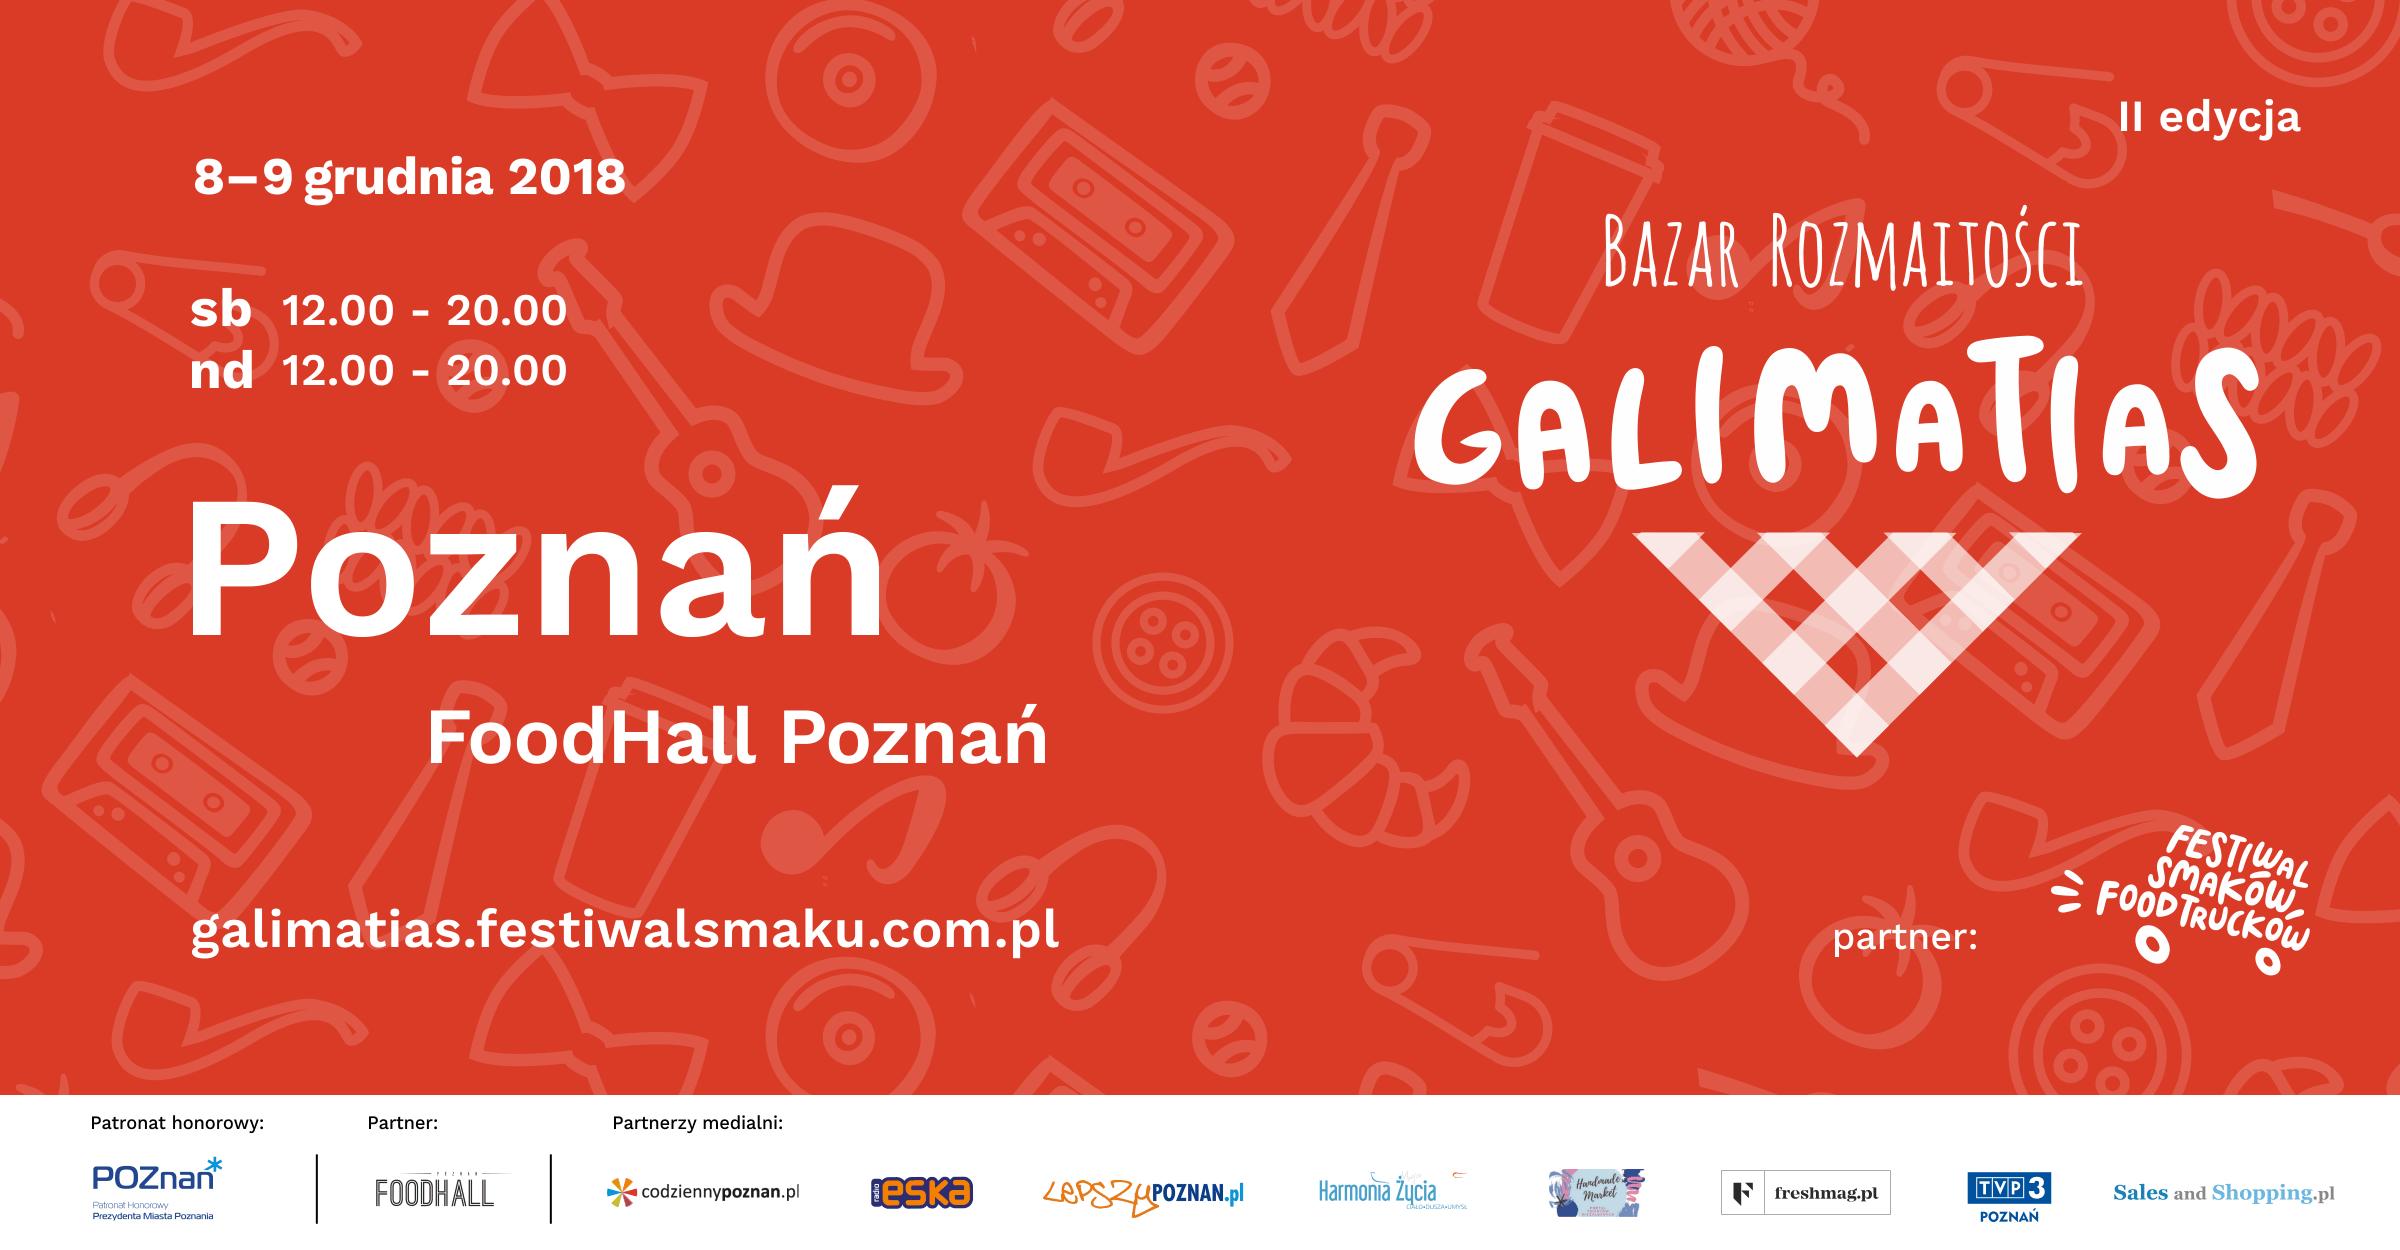 Galimatias Bazar Rozmaitości w Poznaniu 8-9 grudnia 2018                         title=